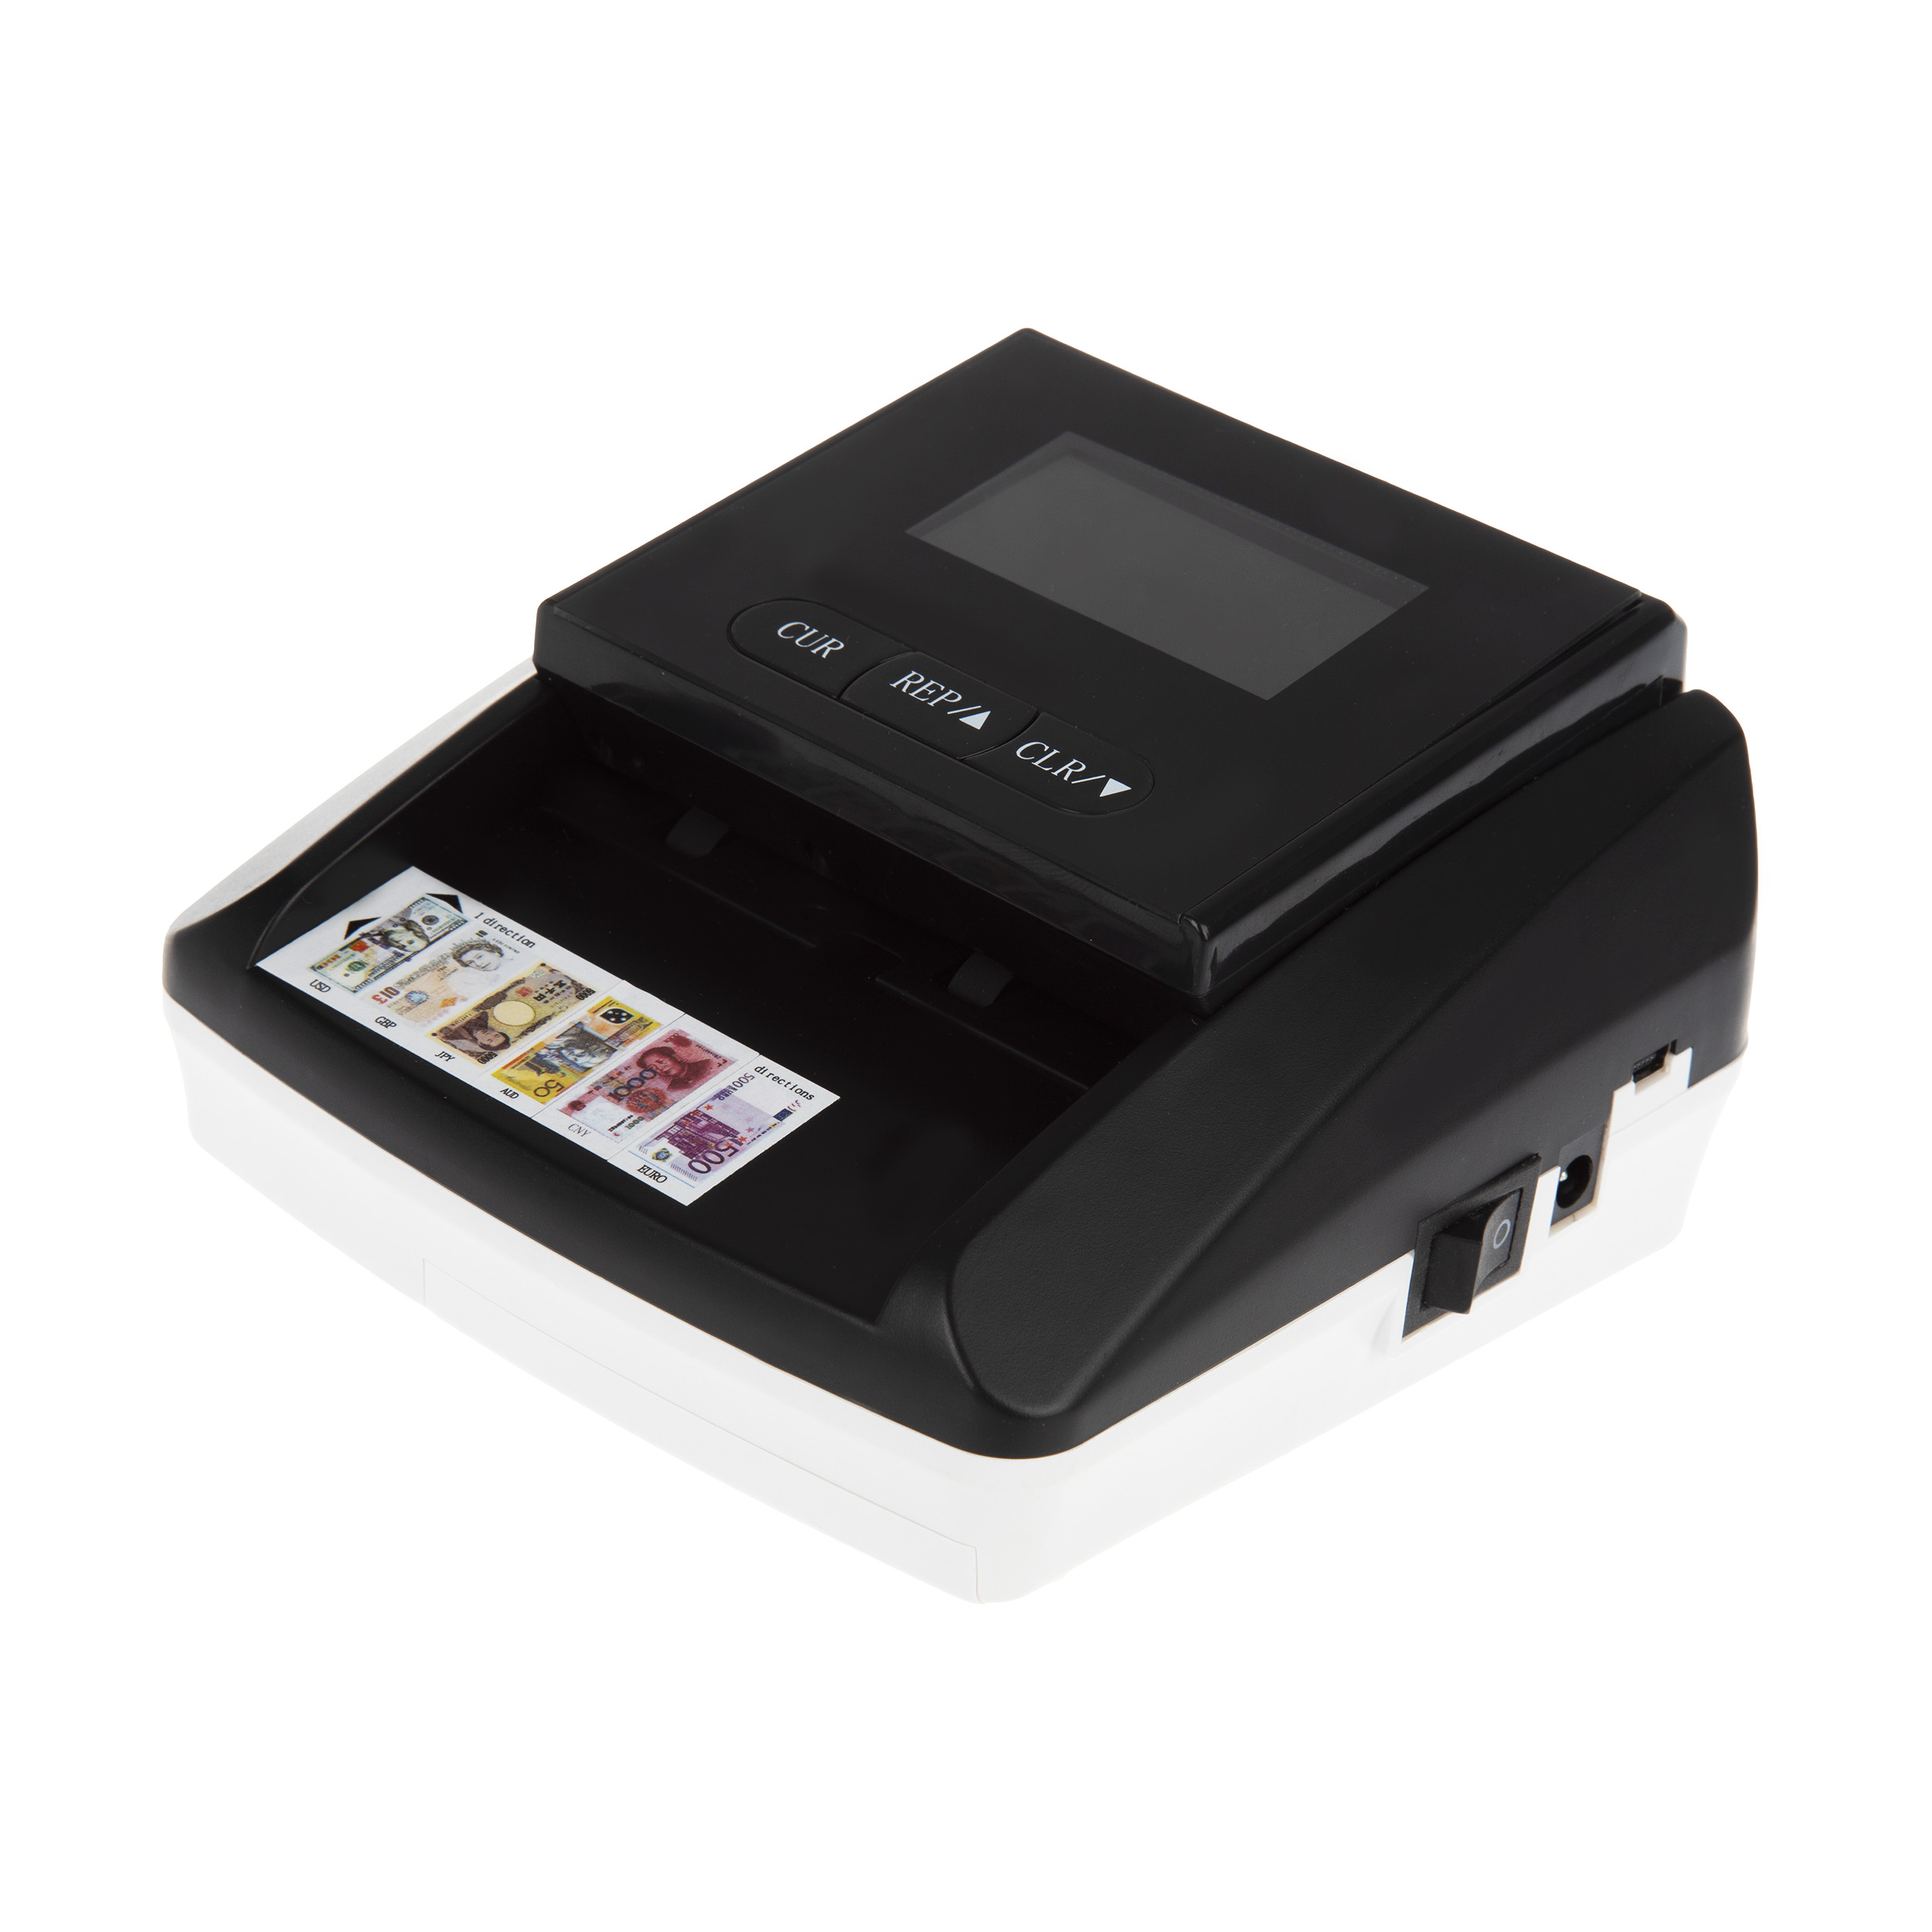 تصویر مشخصات –  قیمت                      دستگاه تشخیص اصالت اسکناس دیتک کد 106